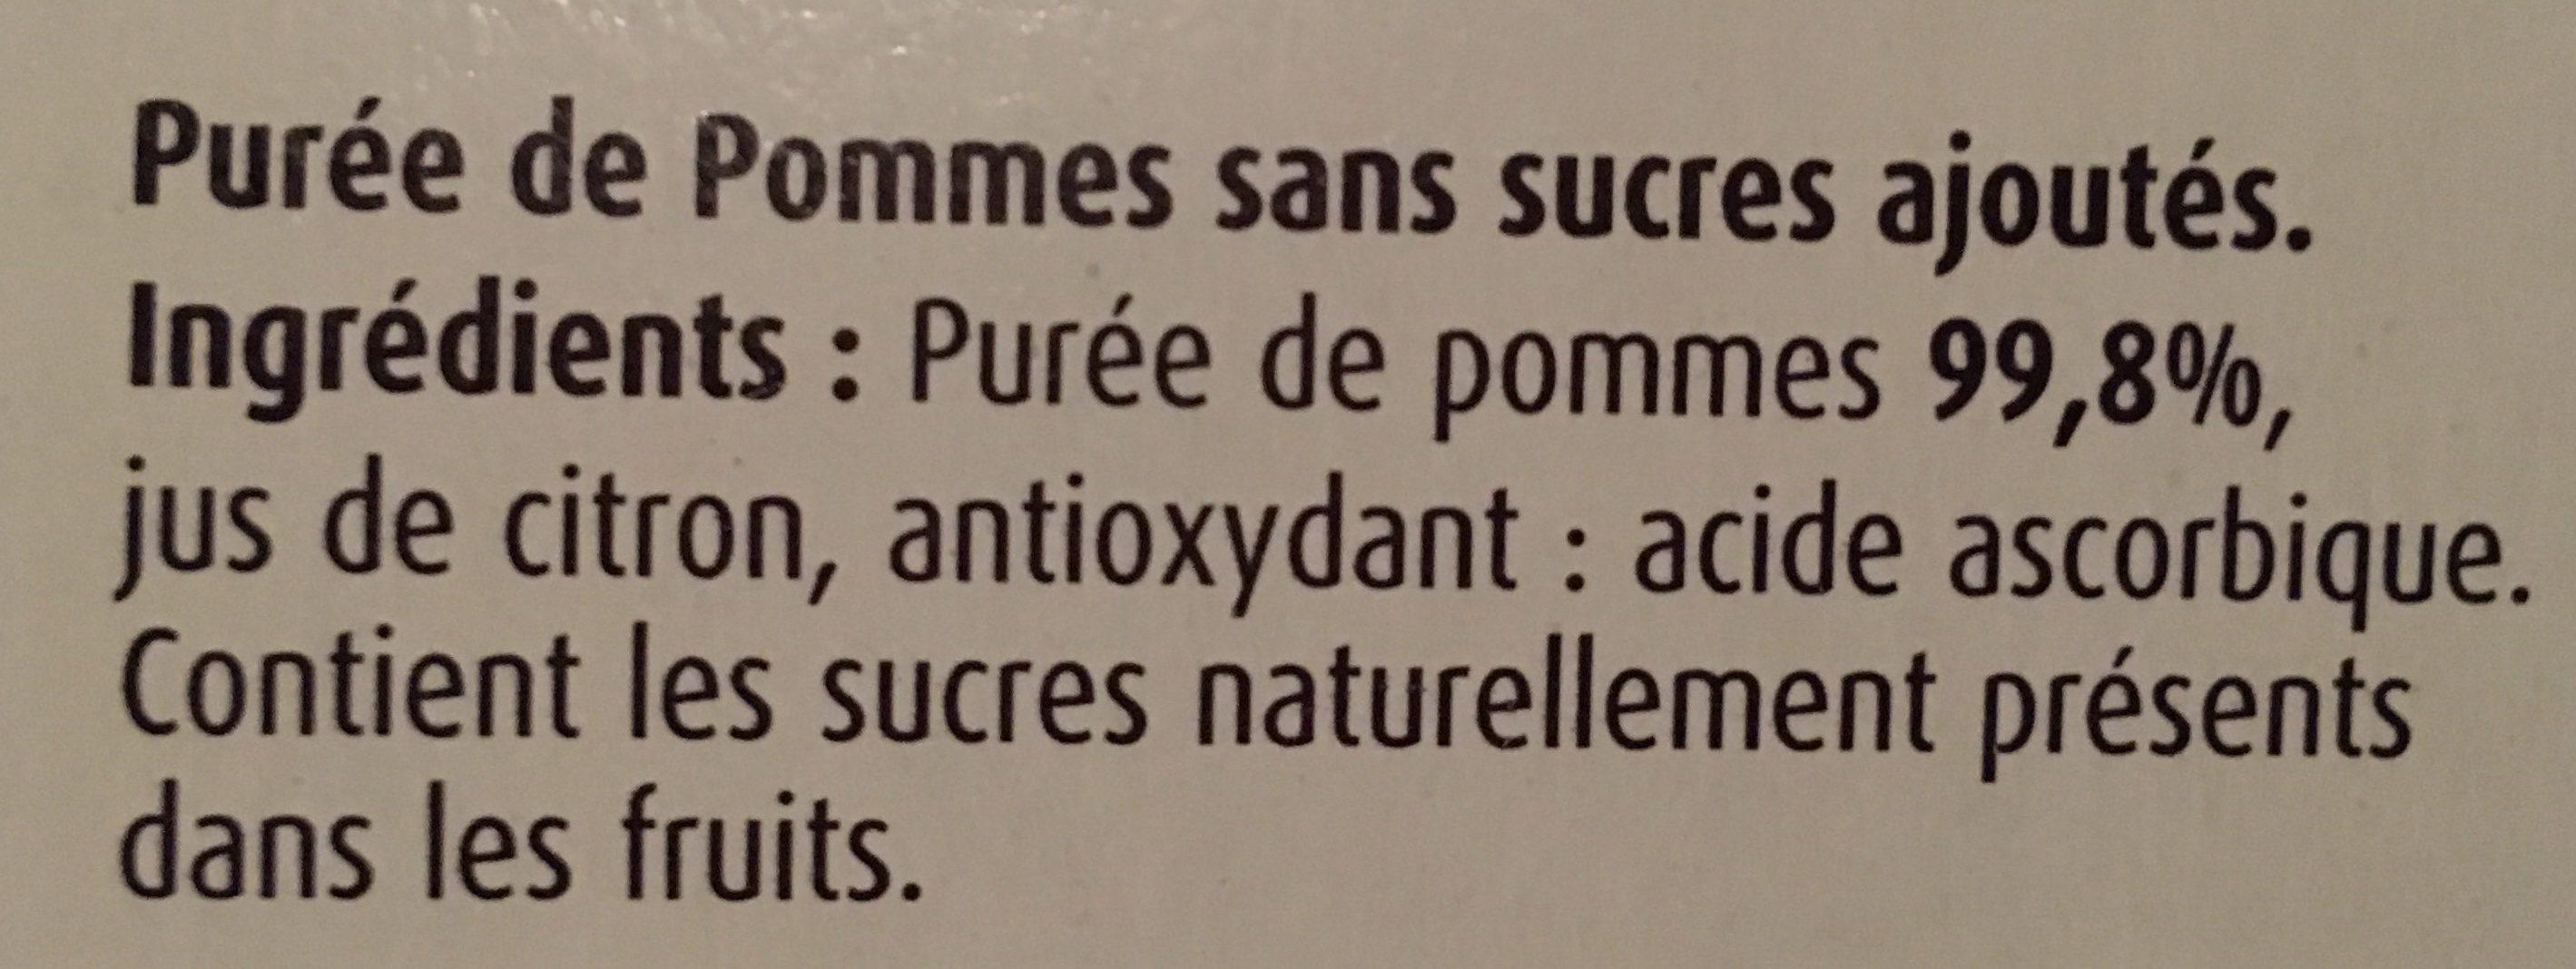 Pomme Sans Sucre Ajouté - Ingrédients - fr